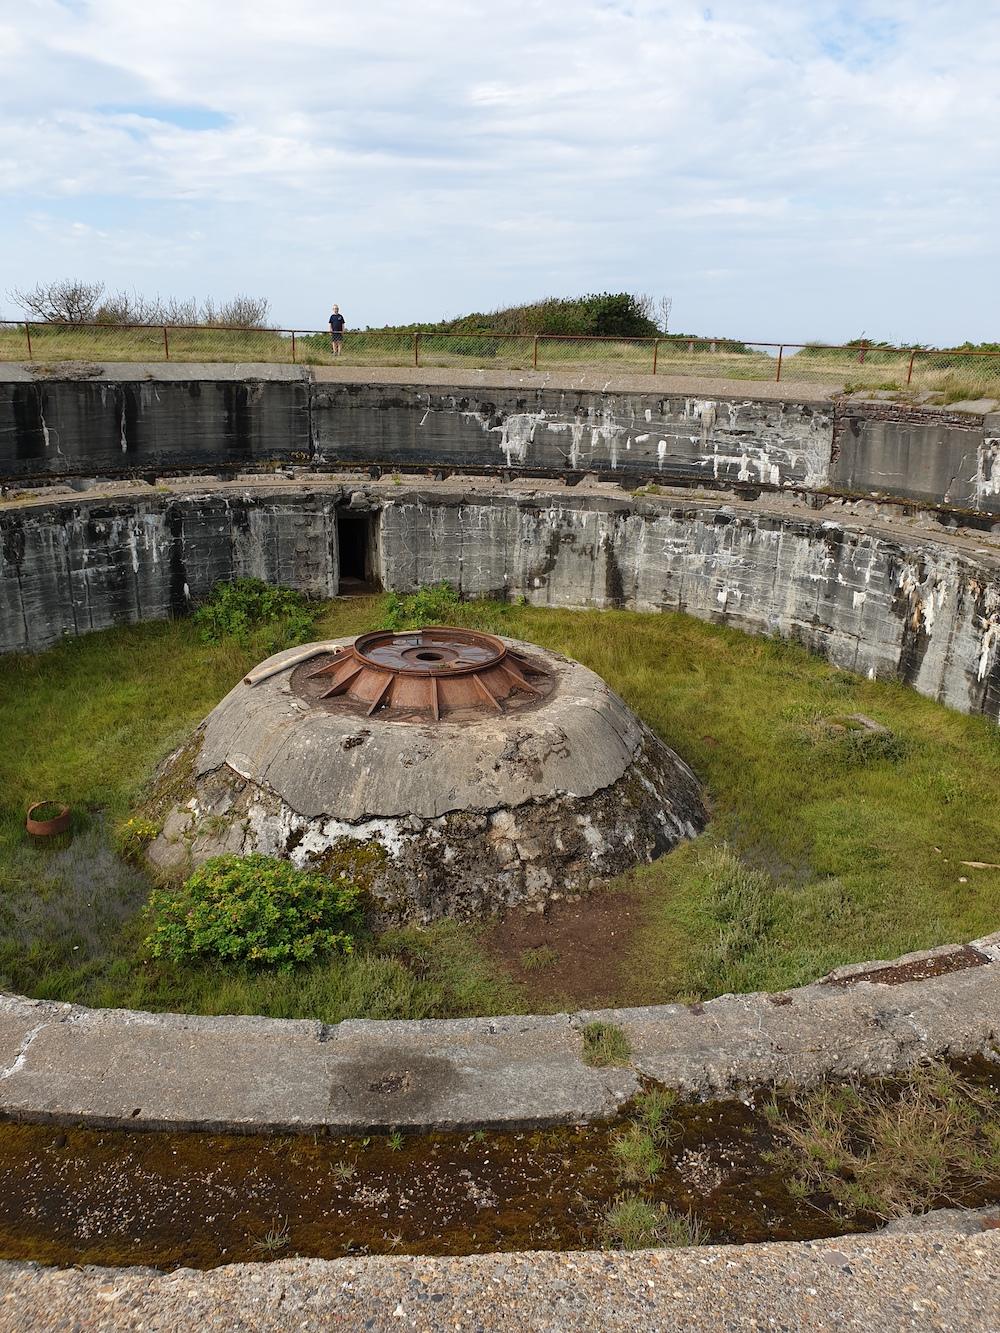 Bunkermuseum Hanstholm in Denemarken